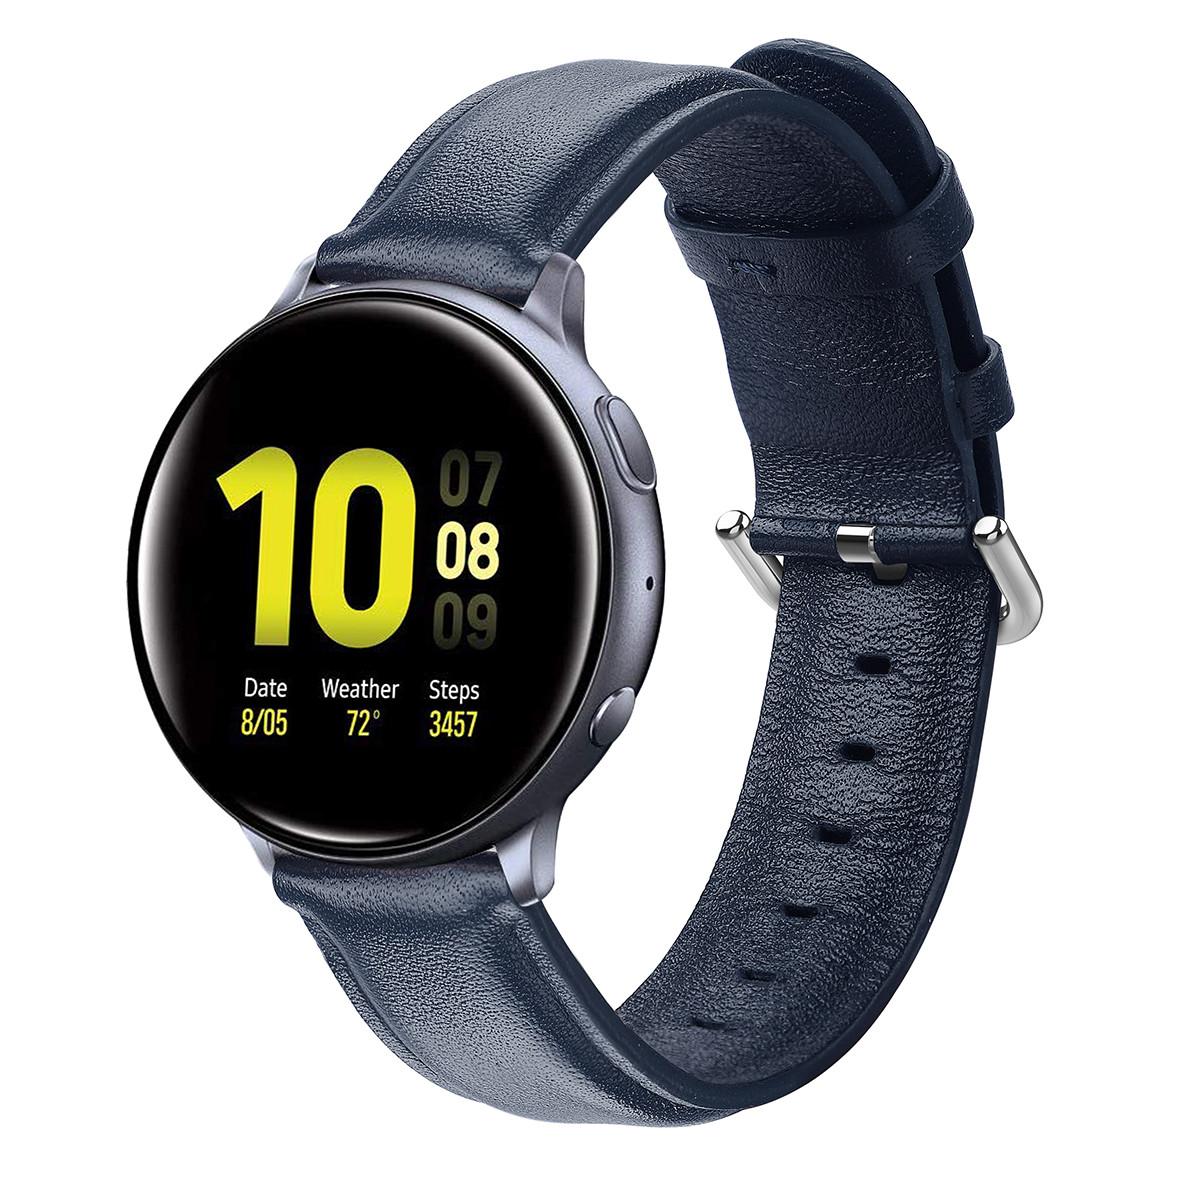 Ремінець BeWatch шкіряний 20мм для Samsung Active| Active 2 | Galaxy watch 42mm Синій L (1210189.L)